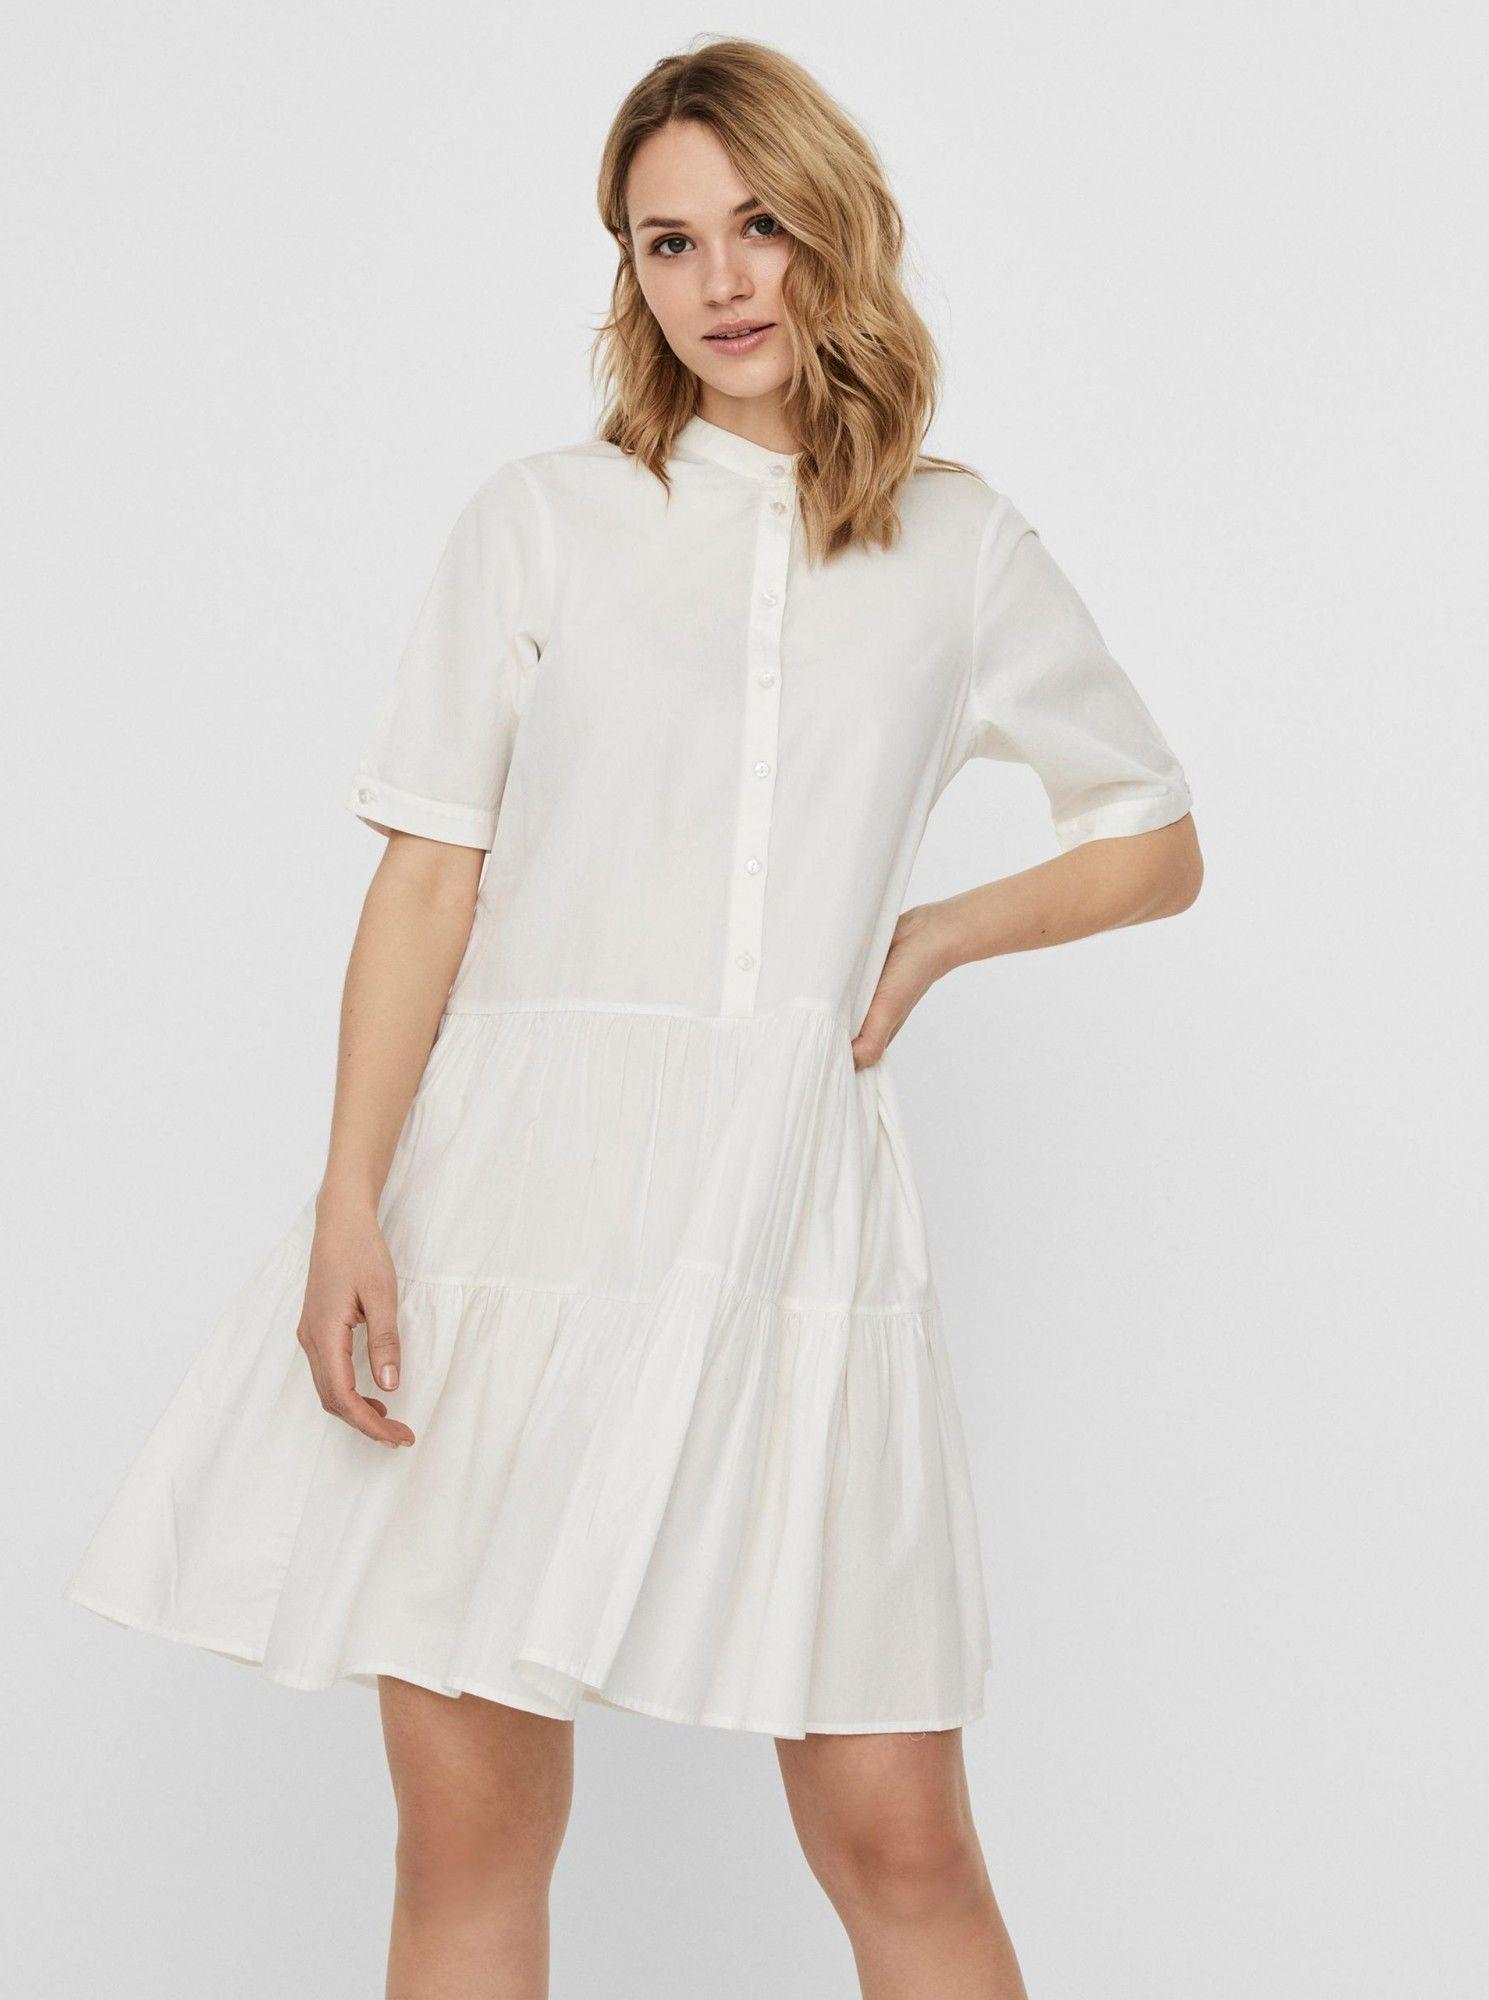 Vero Moda biały koszulowa sukienka Delta